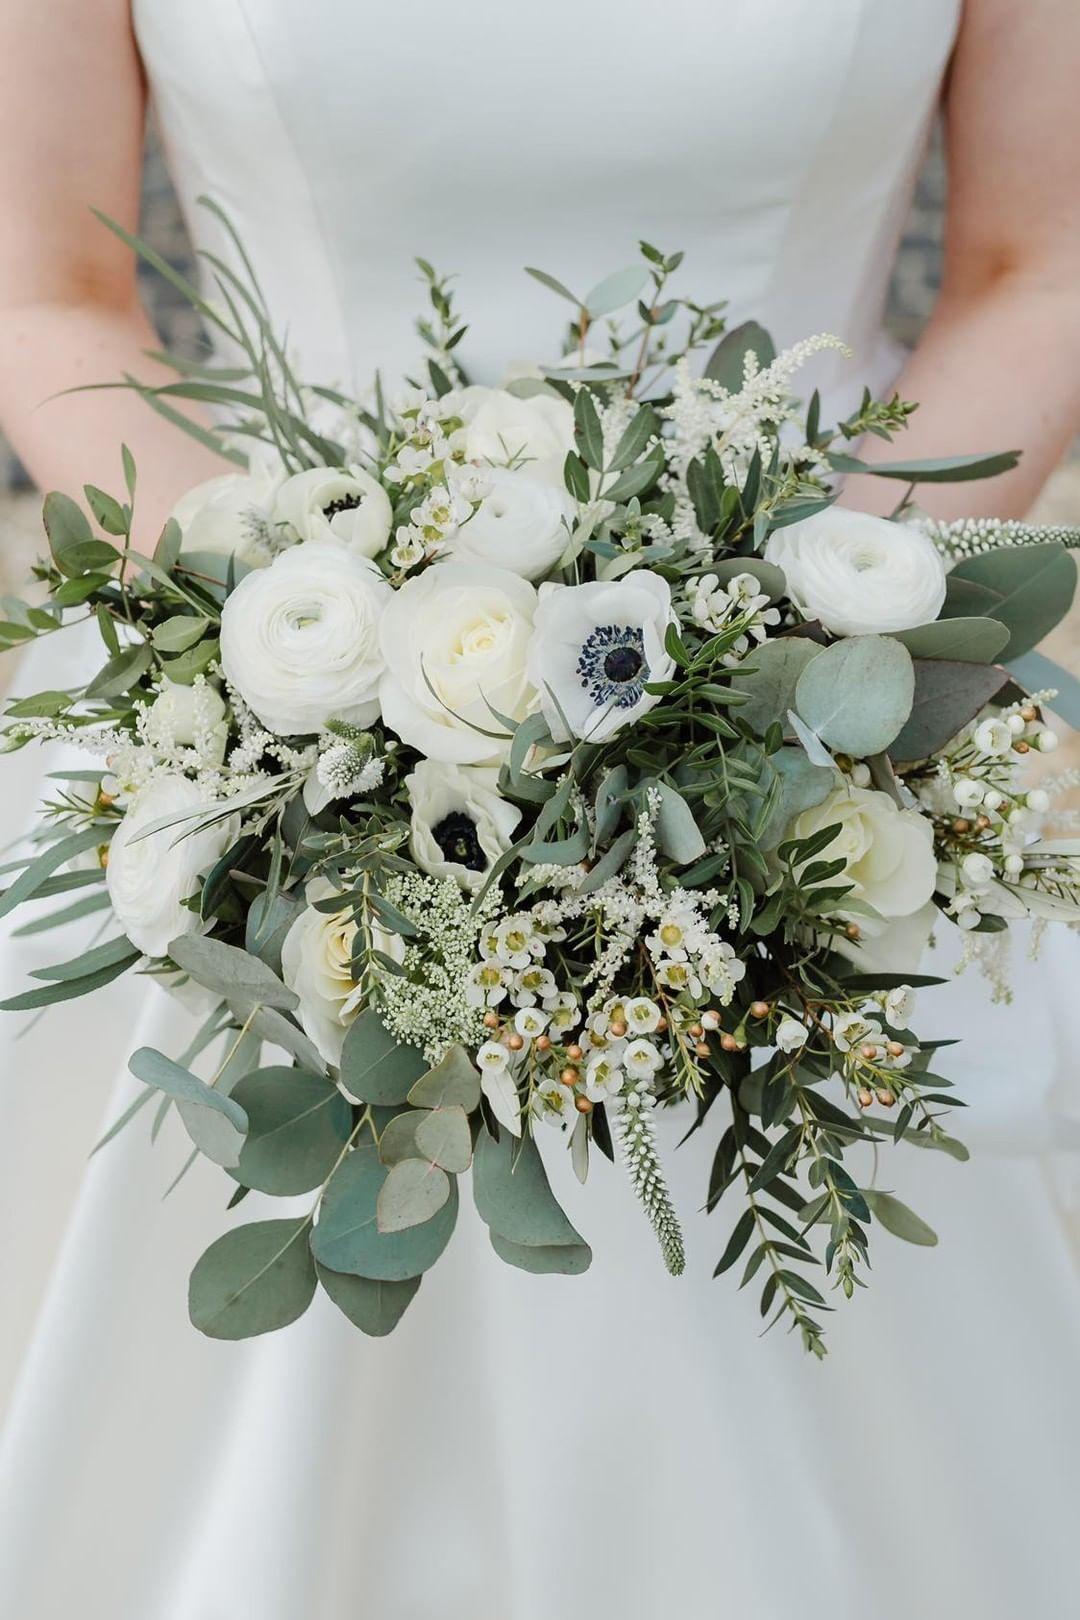 Bridal Bouquet White And Green Astilbebouquet Rosebridalbouquet Bridal Bouquet White And Green Astilbebouquet Blumenstrauss Hochzeit Brautstrauss Braut Blumen